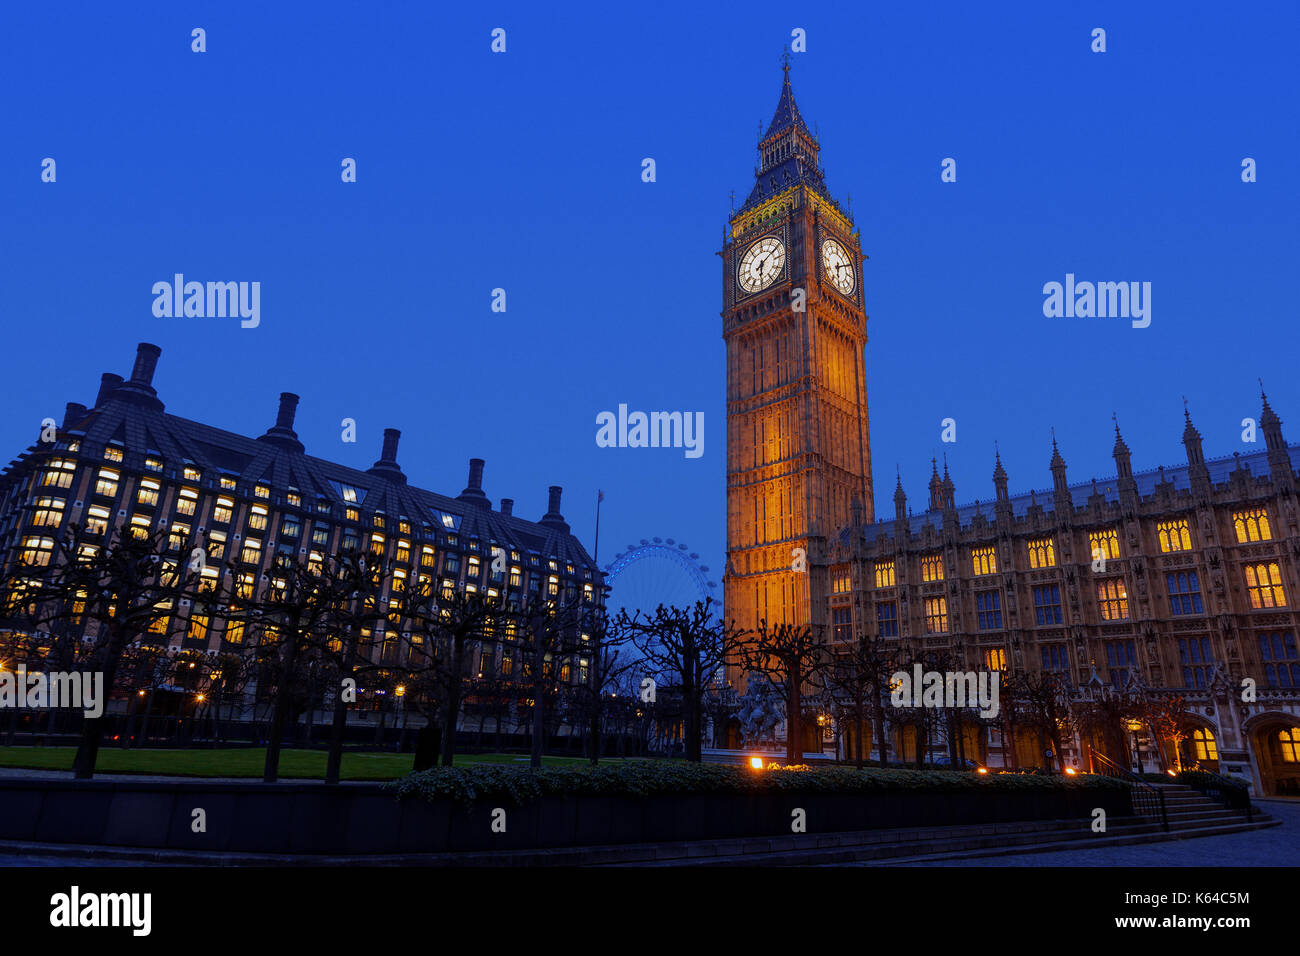 Vista nocturna del palacio de Westminster, el Big Ben y portcullis house en Westminster, Inglaterra, Reino Unido. Foto de stock